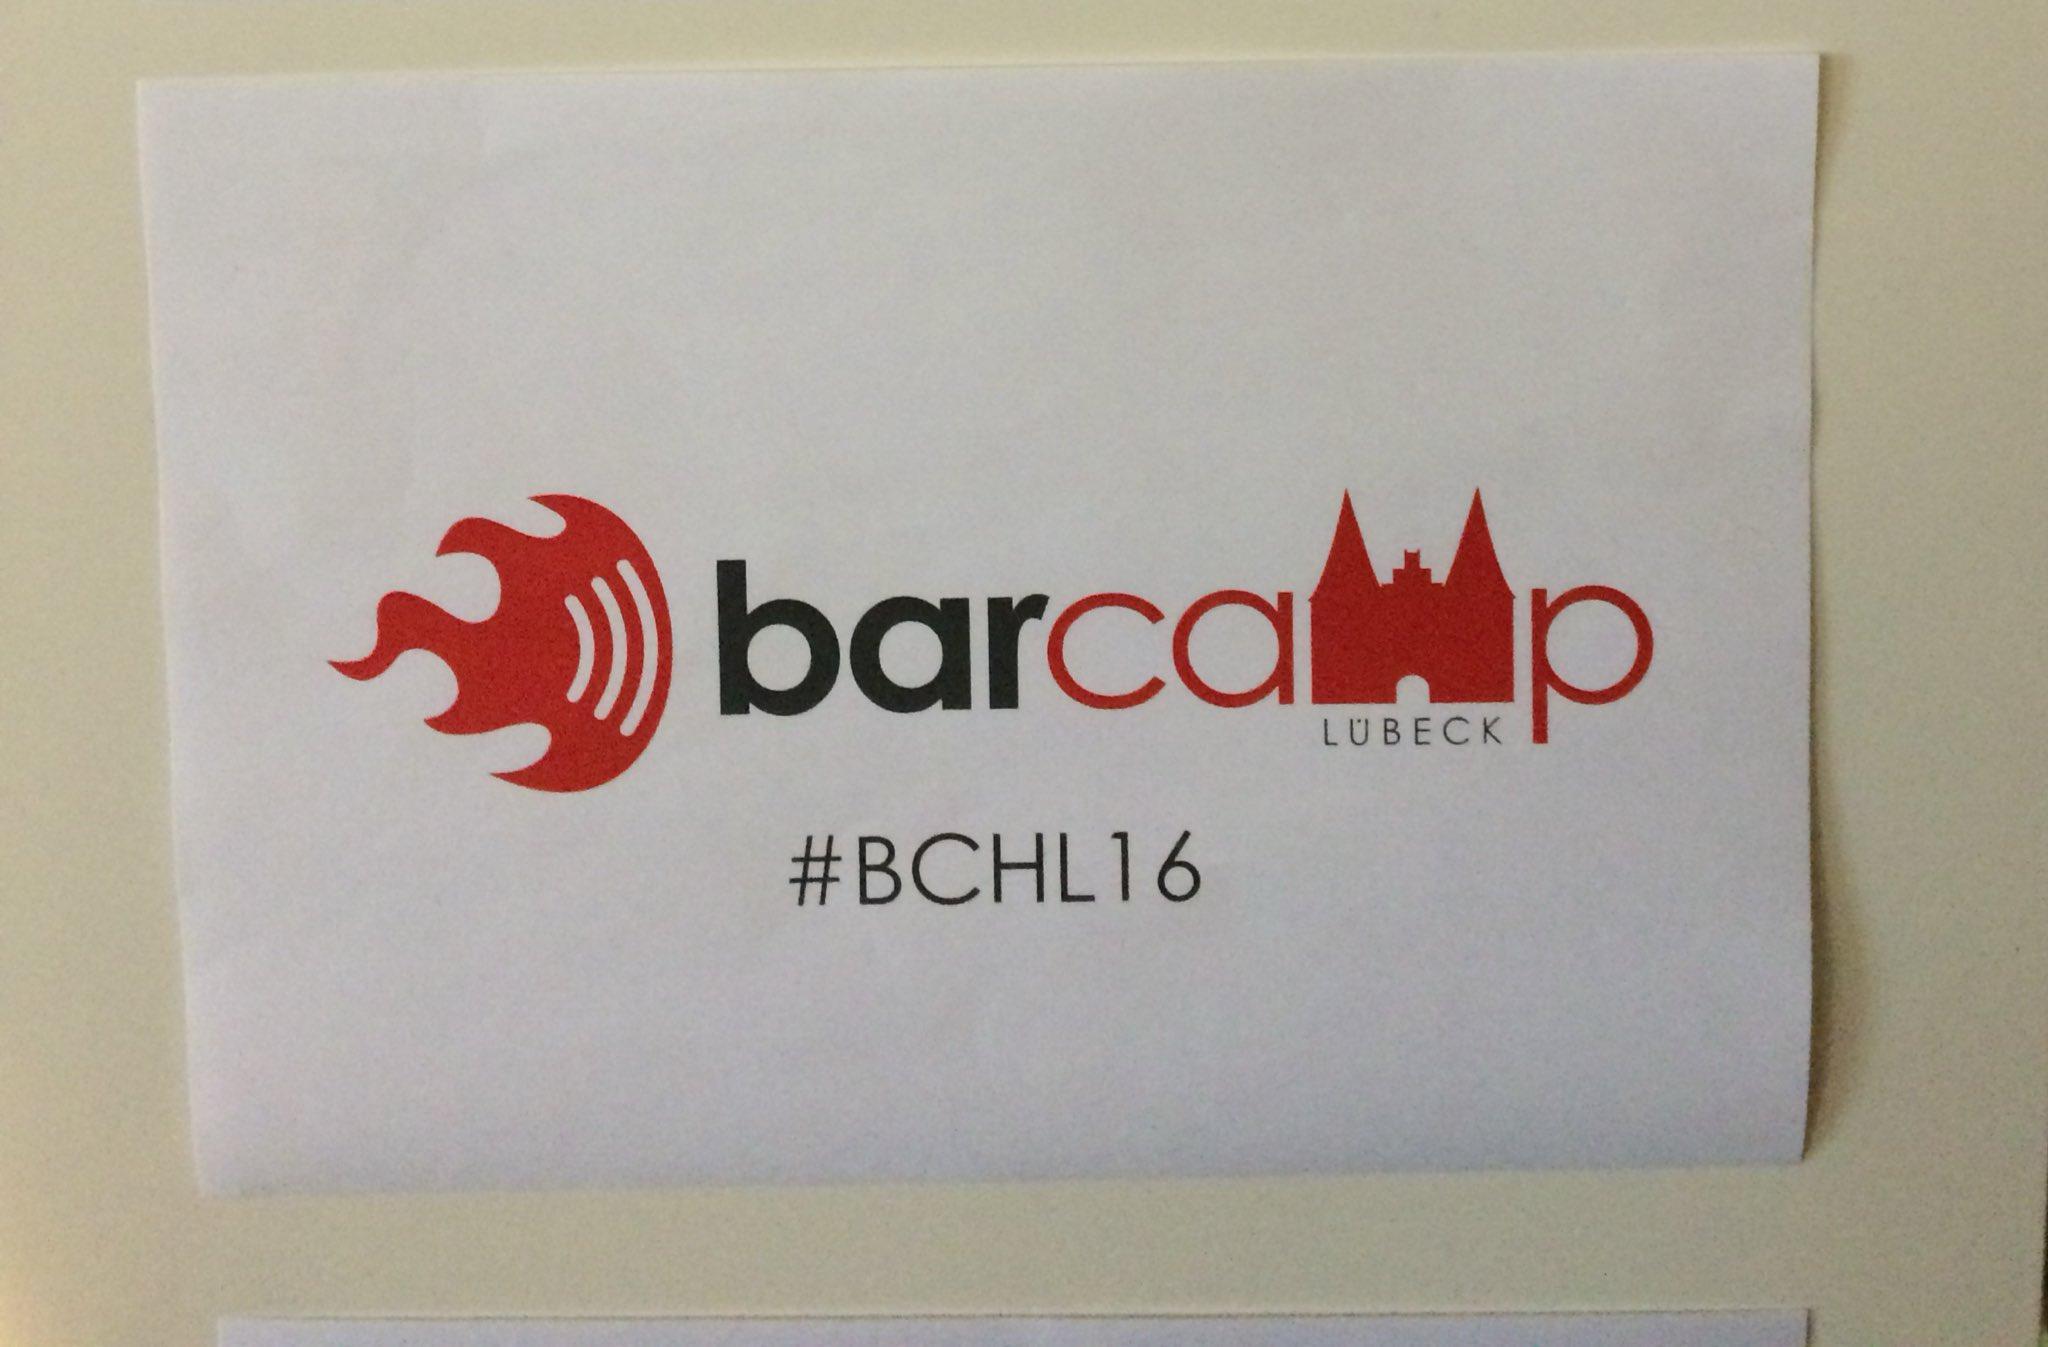 Heute live und in Farbe auf dem Barcamp Lübeck. Ich freue mich auf spannende Sessions und tolle Gespräche. #bchl16 https://t.co/ln3USGaQOH